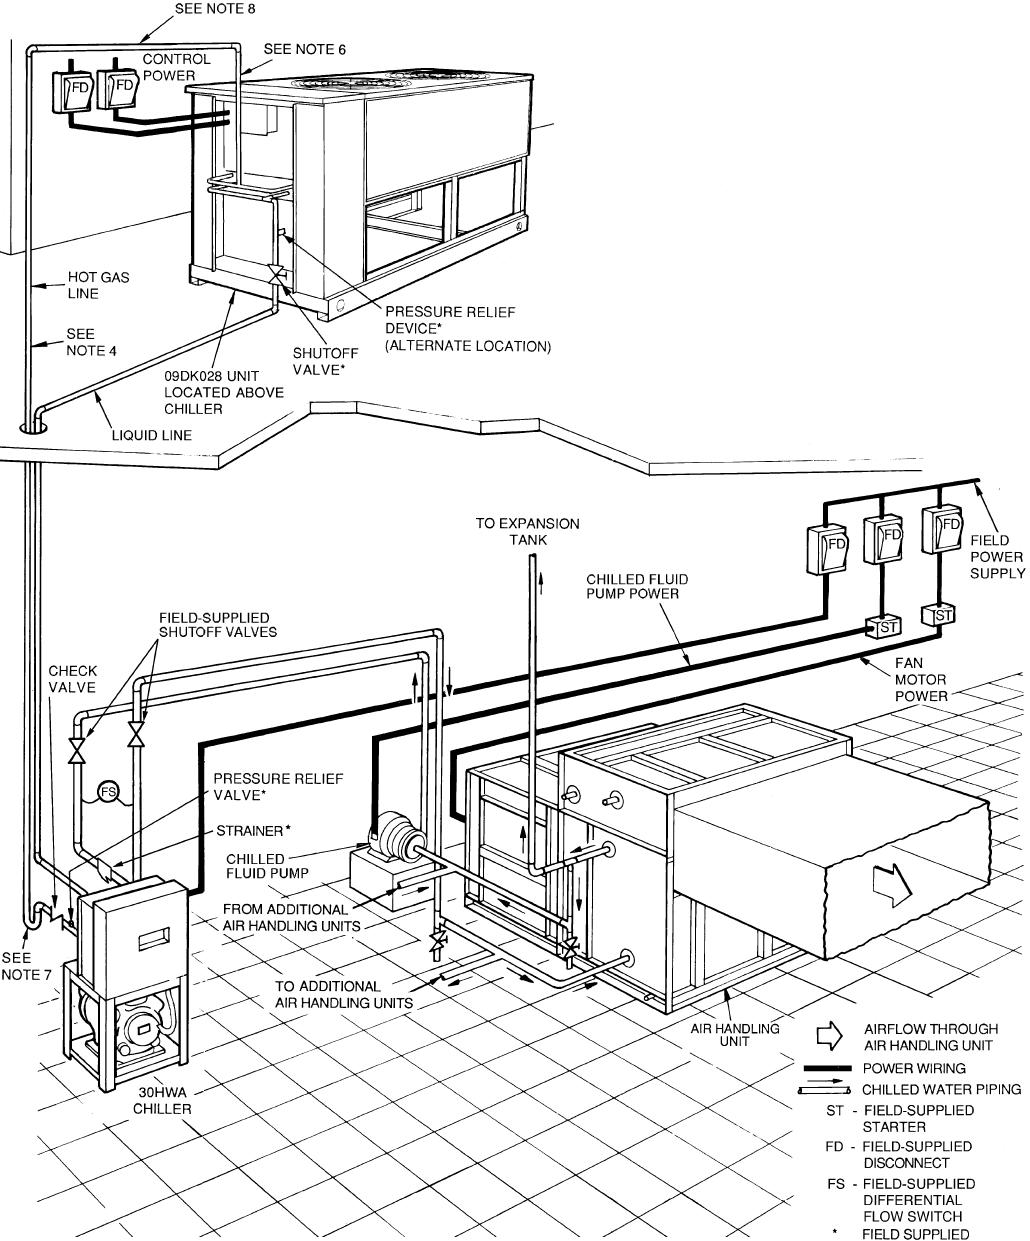 Carrier 060, 30HK040-060, 30HL050, 30HW018-040 Fig. 14